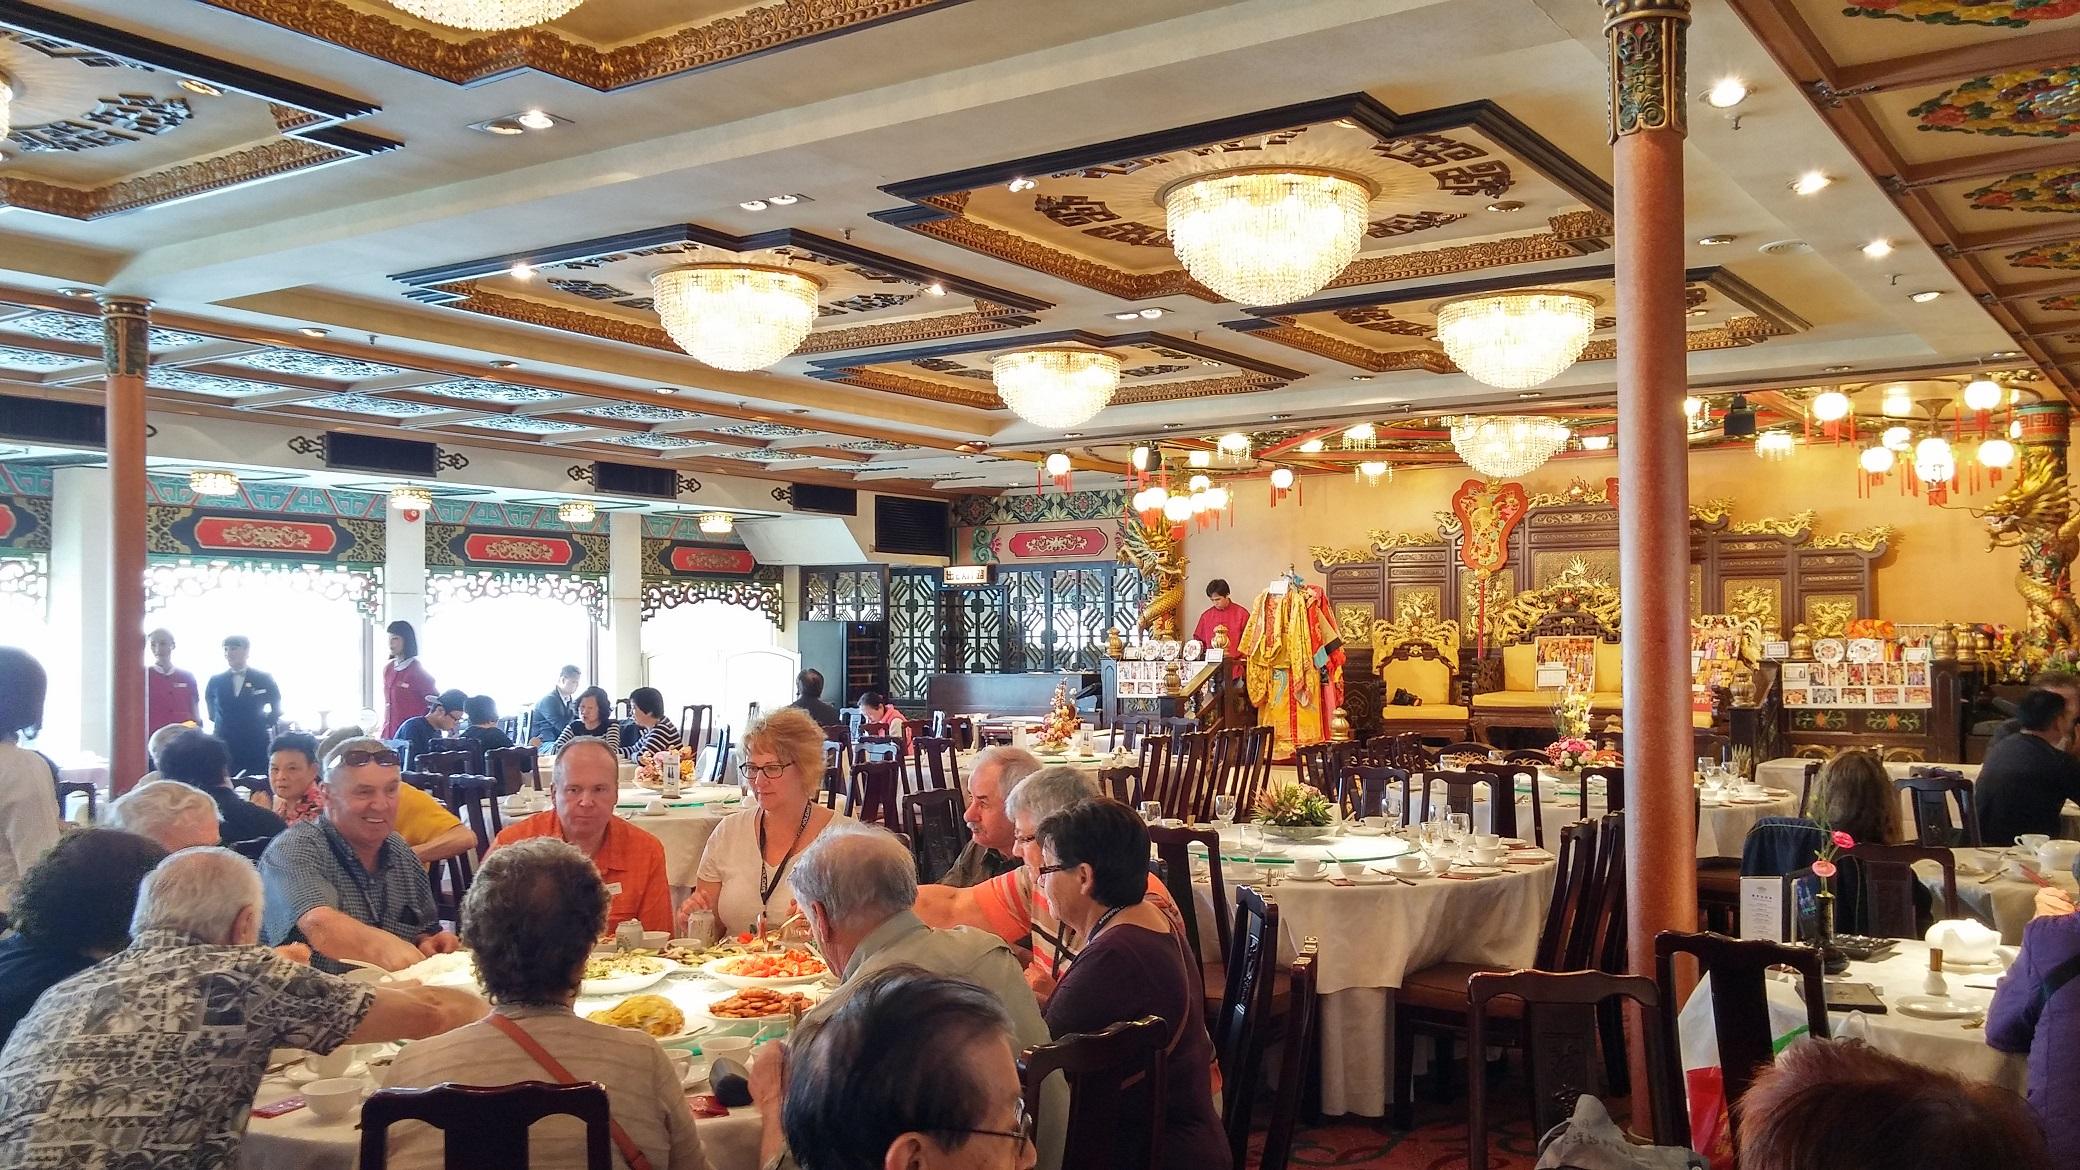 Inside Jumbo Restaurant